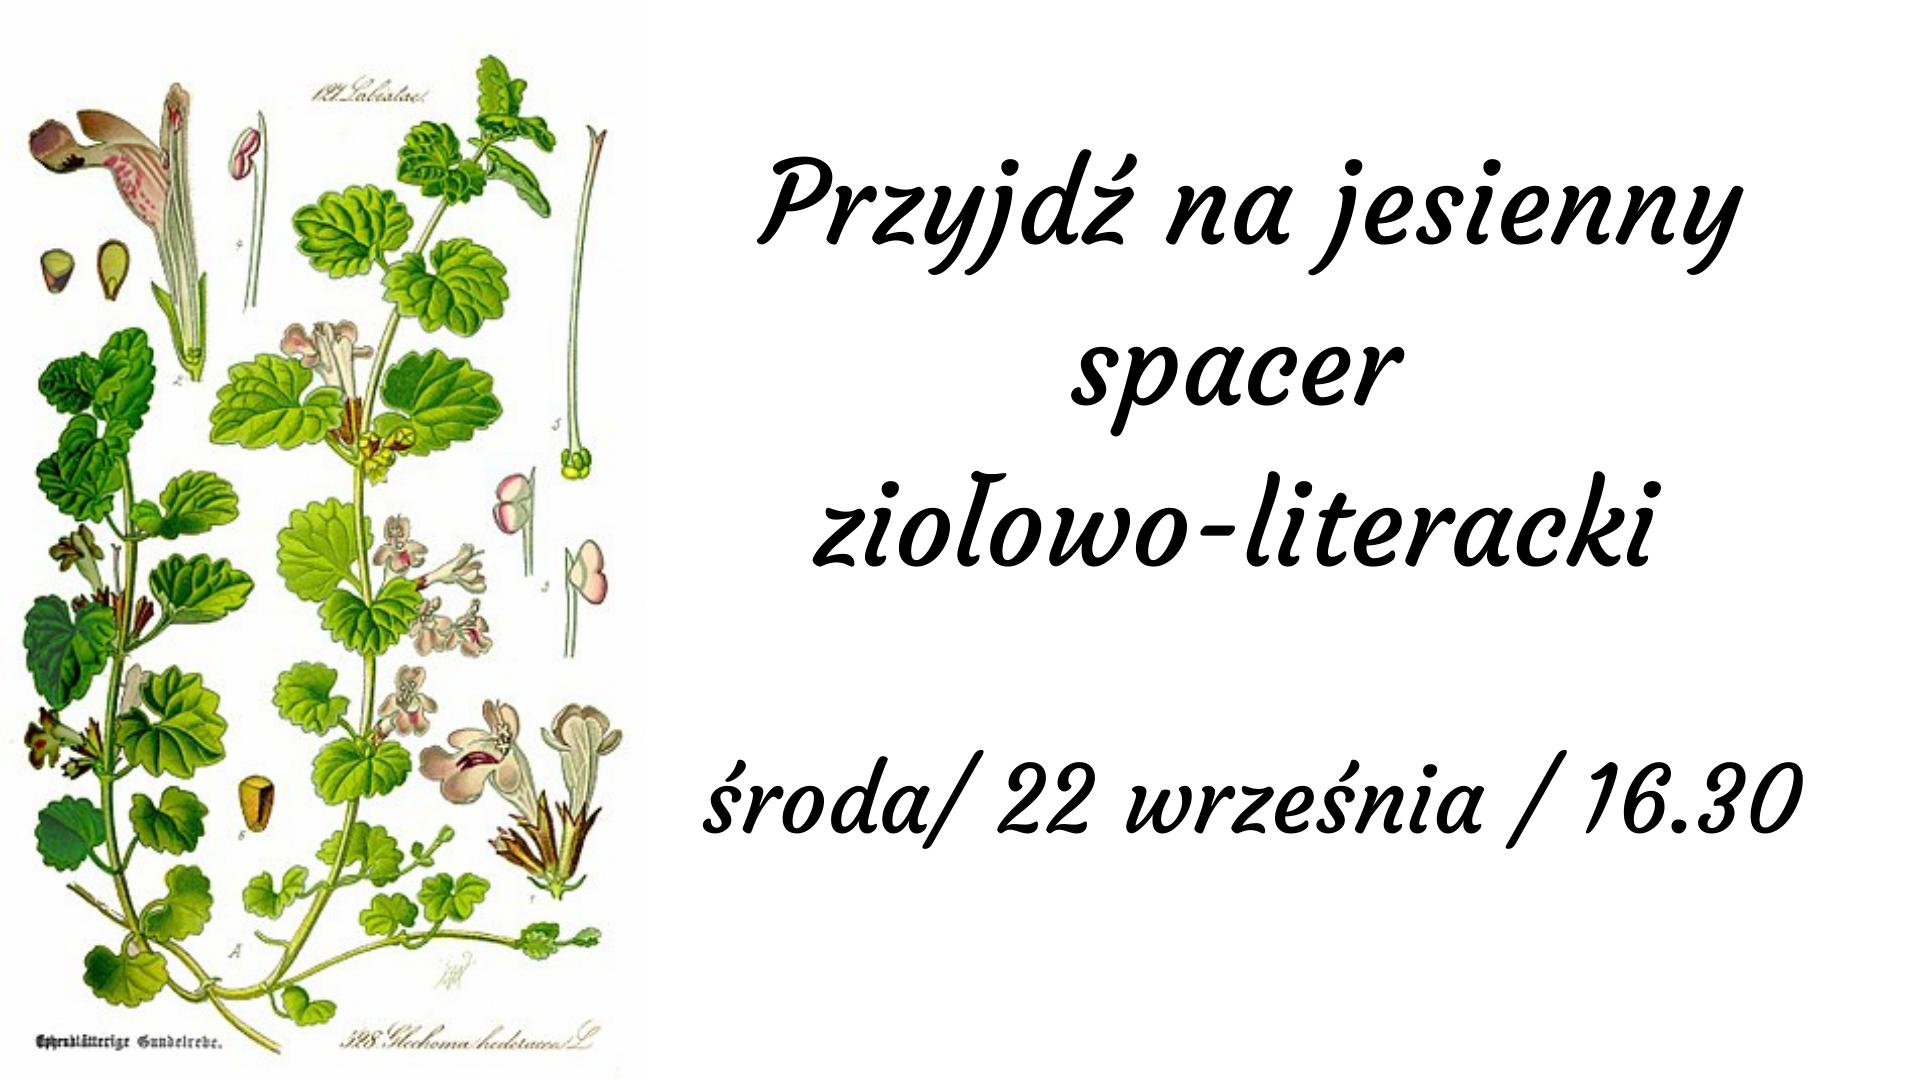 na białym tle: Przyjdź na jesienny spacer ziołowo-literacki środa 22 września 2021 16.30. Po lewej stronie rysunki polnych ziół